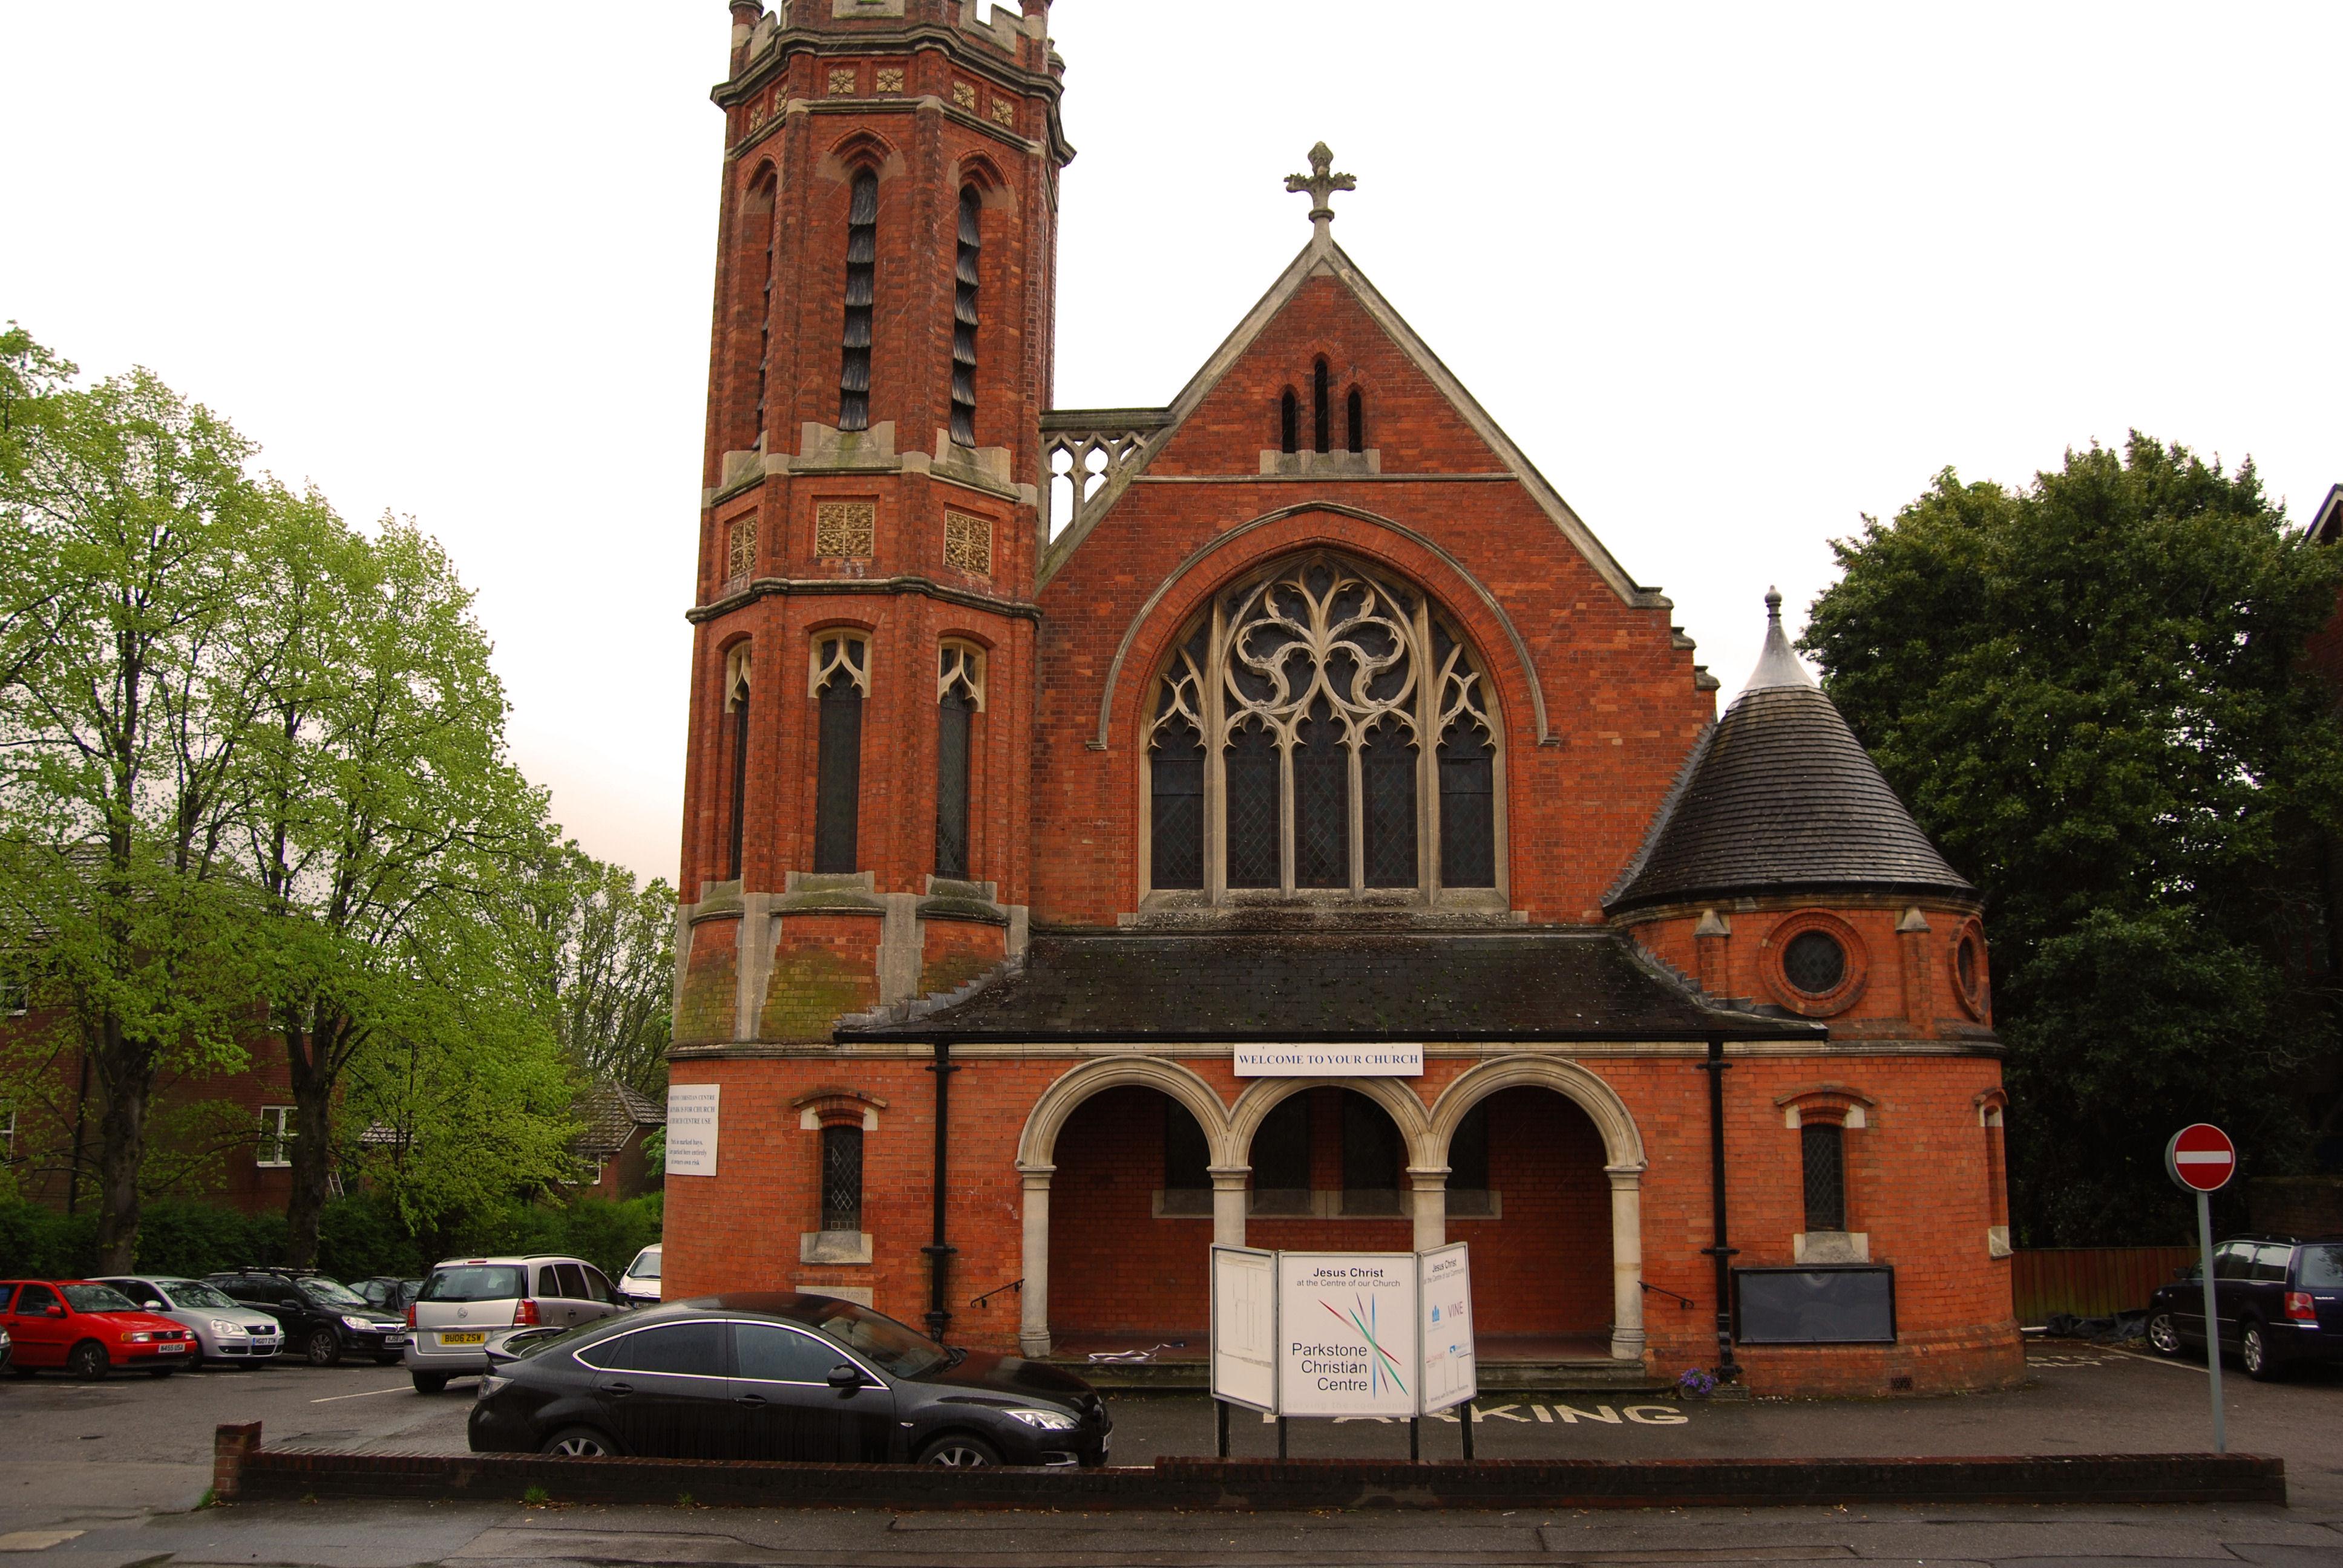 Dorset, POOLE, Parkstone Christian Centre